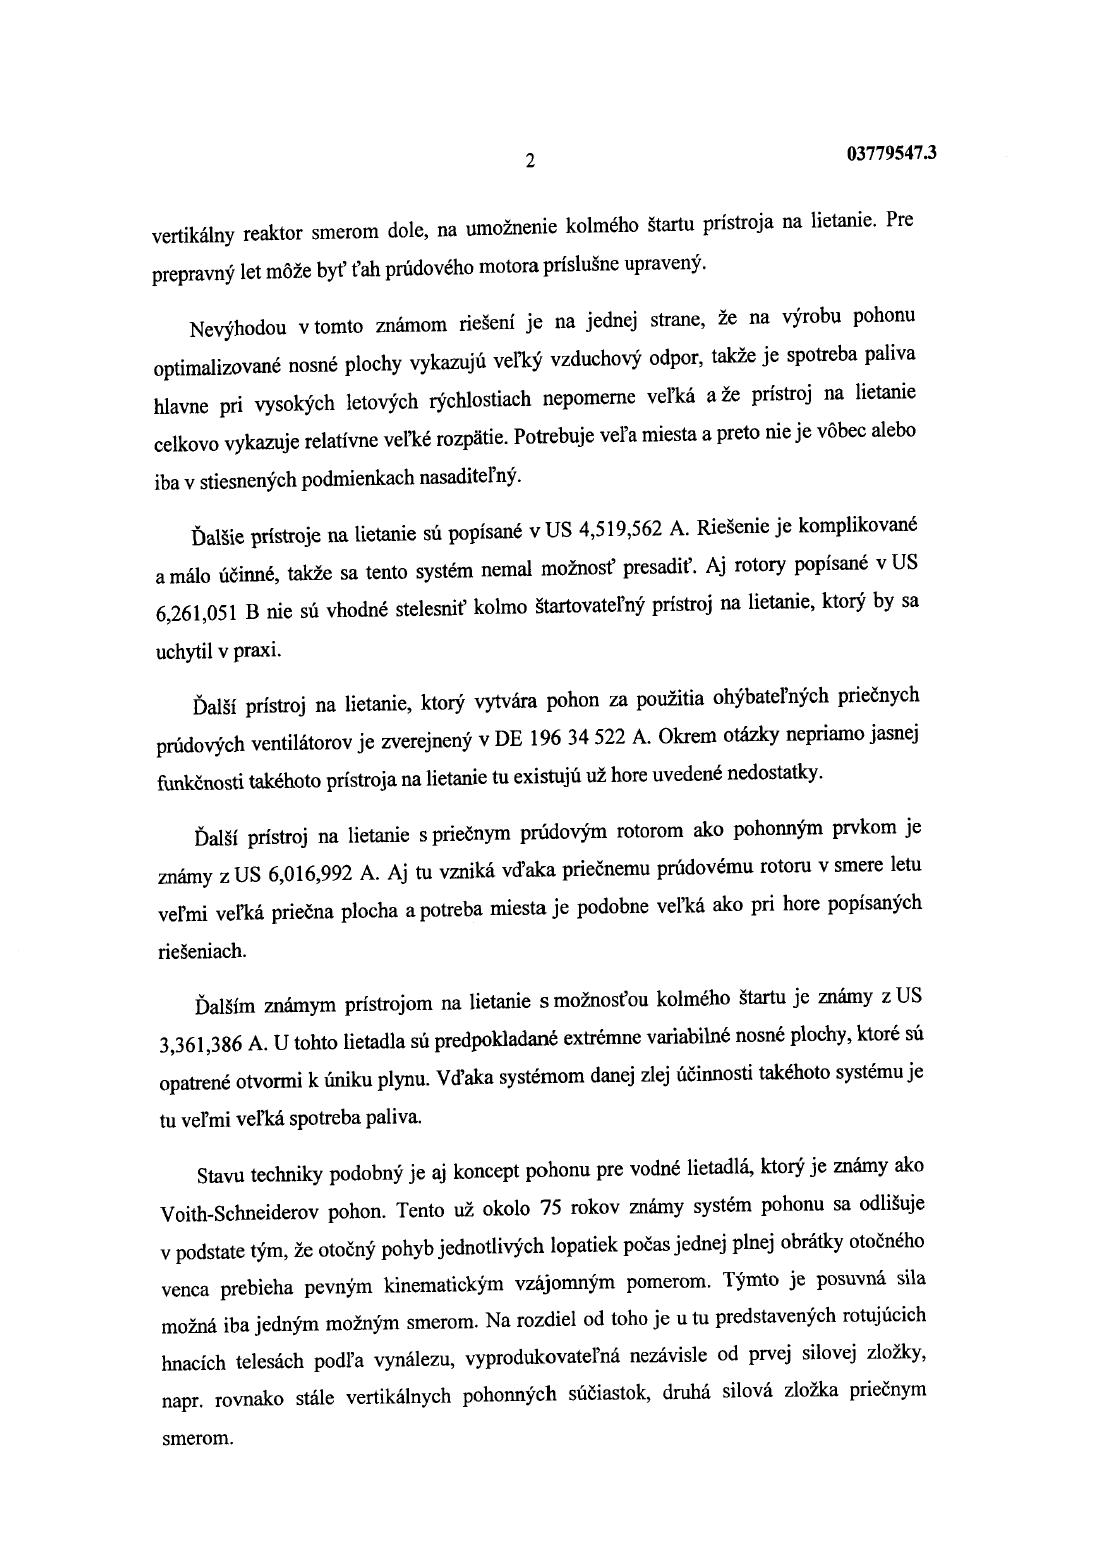 a0f1e7941b42 Prístroj na lietanie — 18.12.2003 — E 4450 — Databáza patentov Slovenska